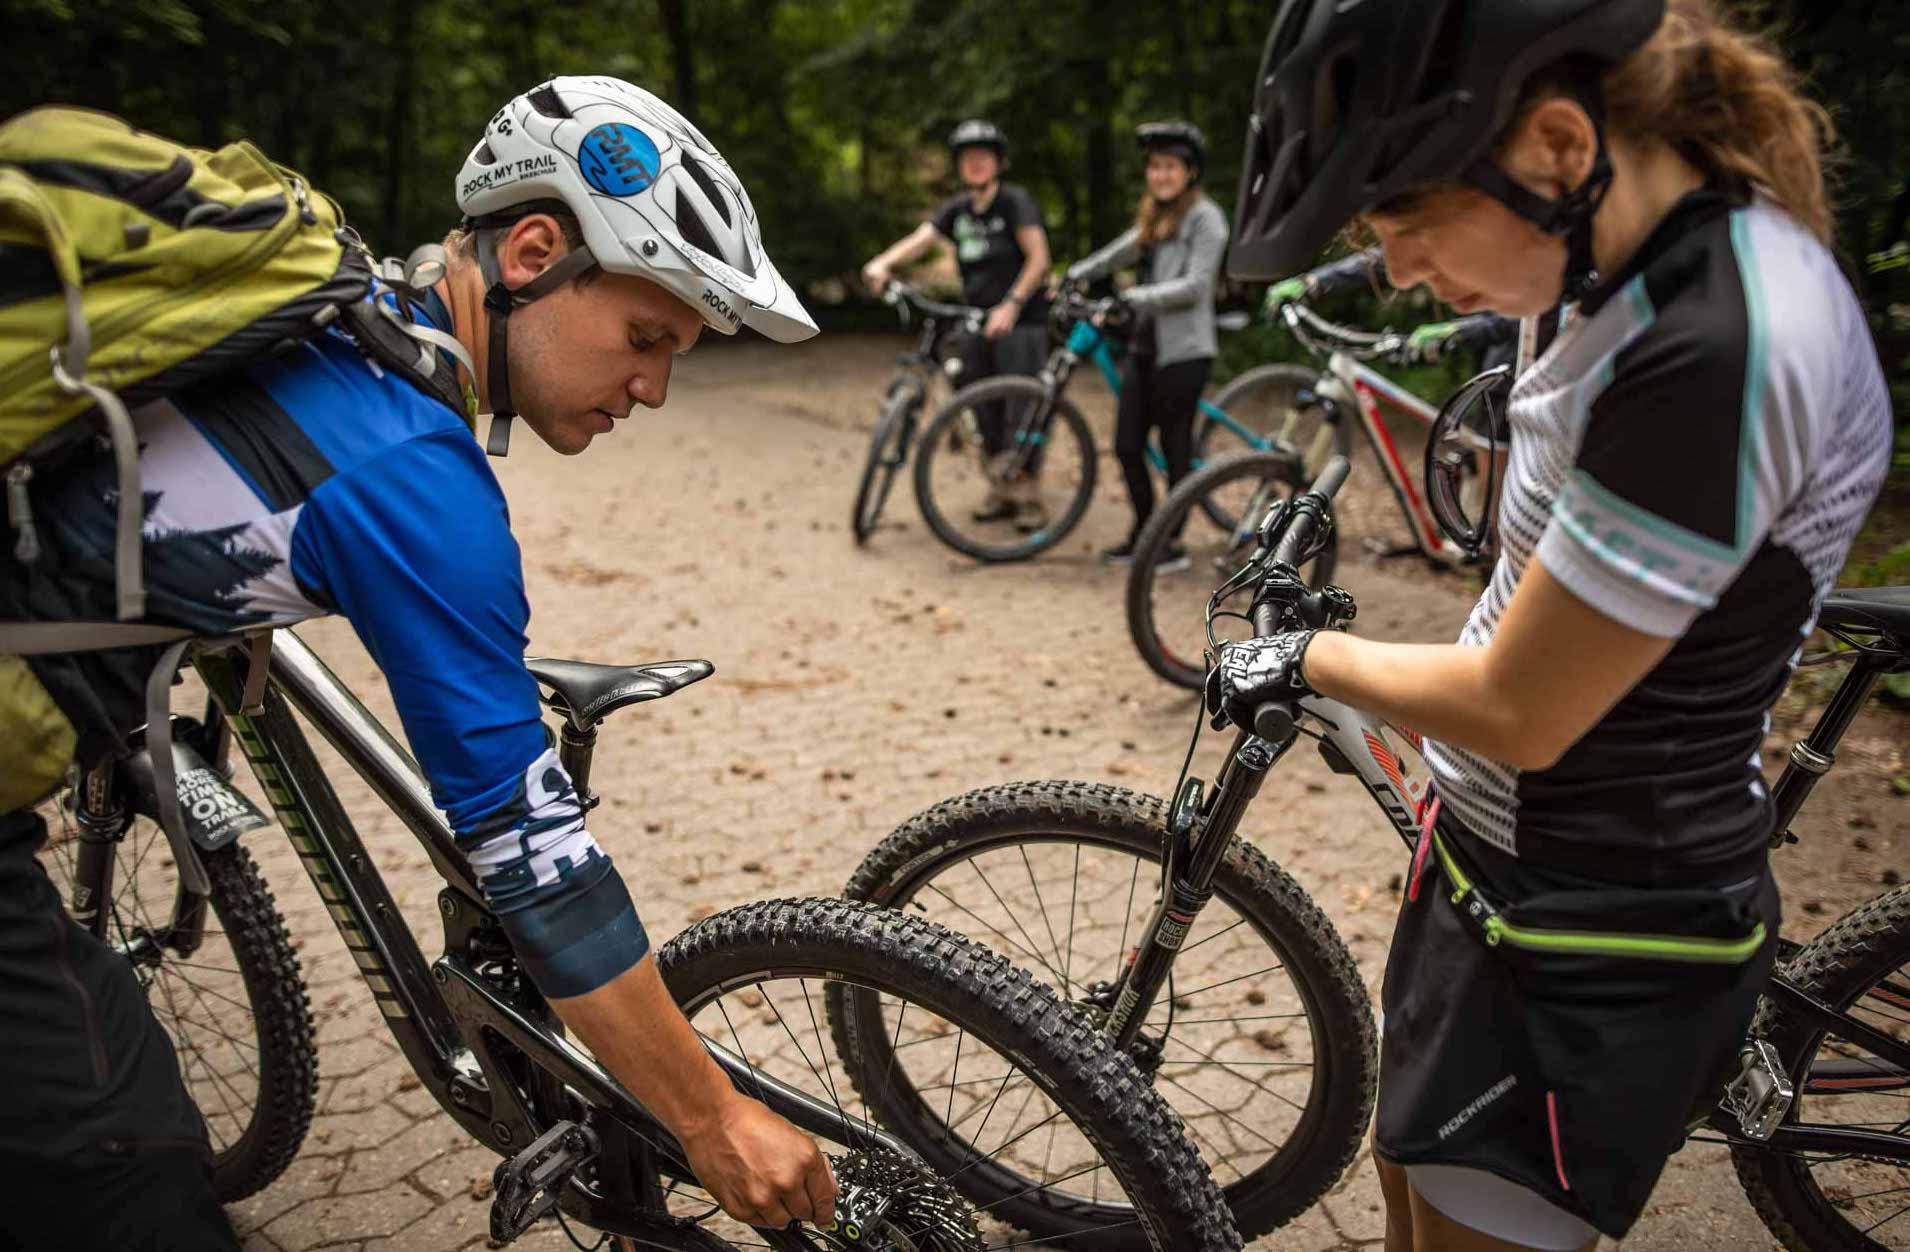 MTB Fahrtechnik Kurs für Einsteiger in Siegburg   Bonn - Mountainbike Basic - Rock my Trail Bikeschule - 25